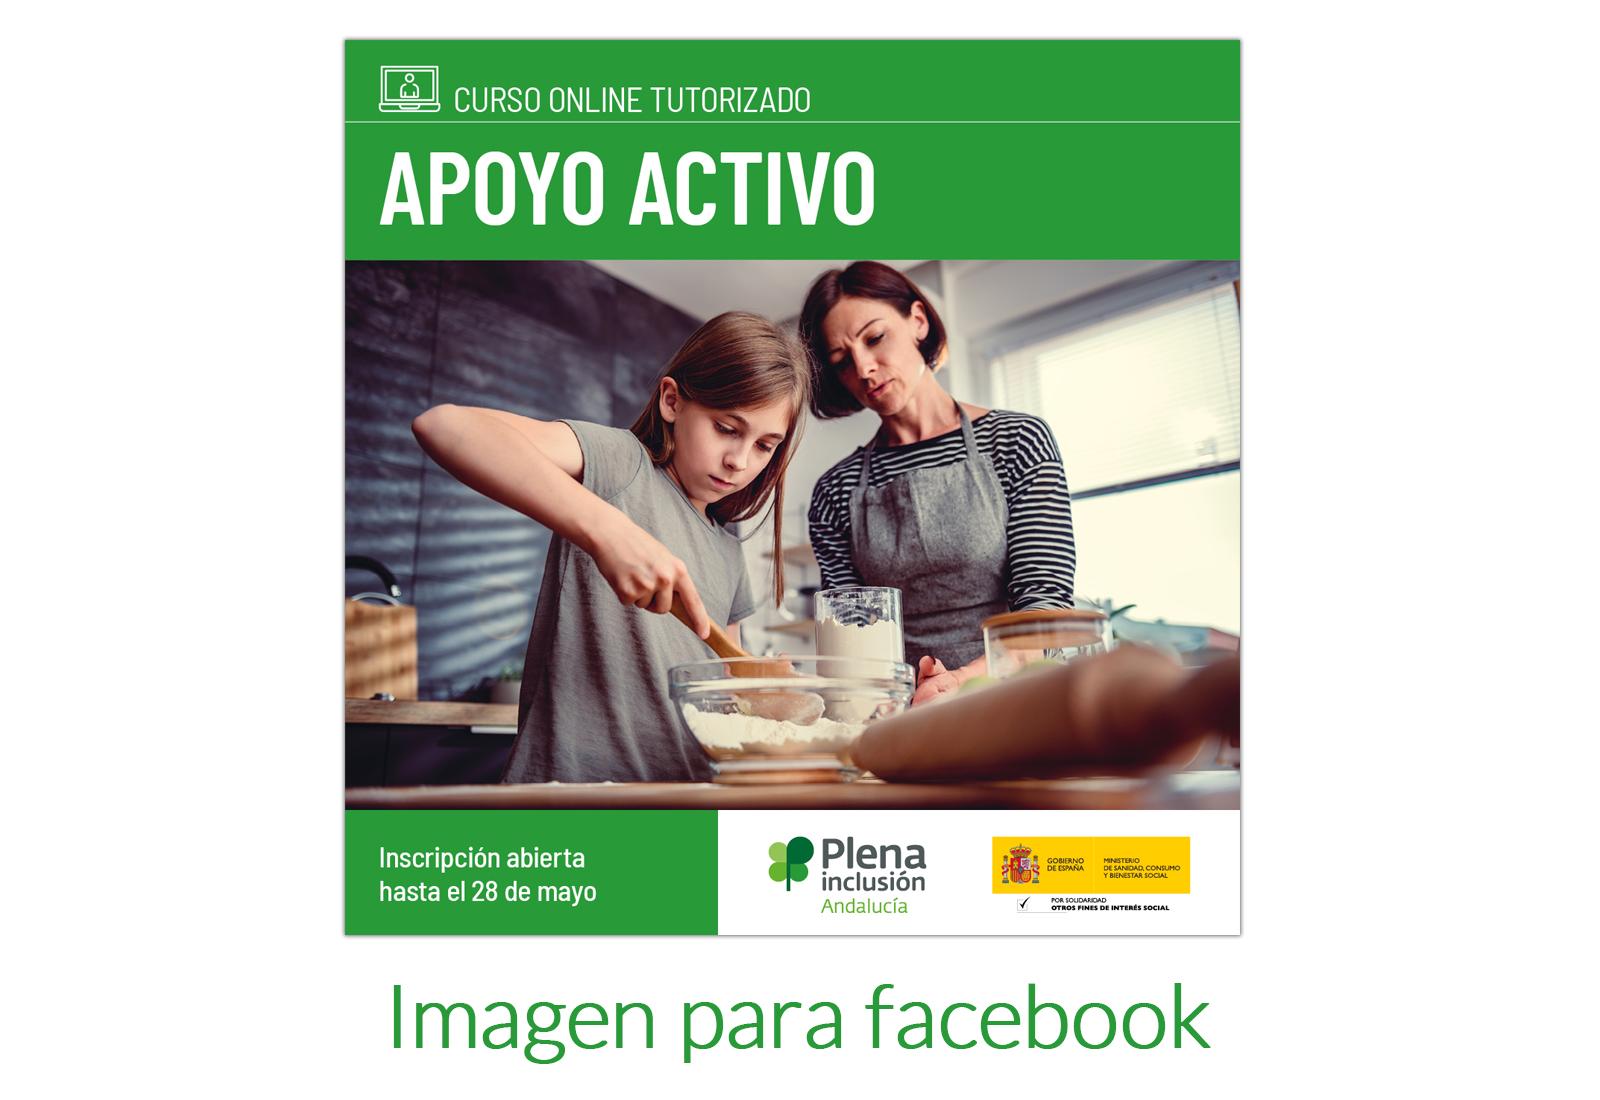 Diseño de imagen para facebook de oferta de formación